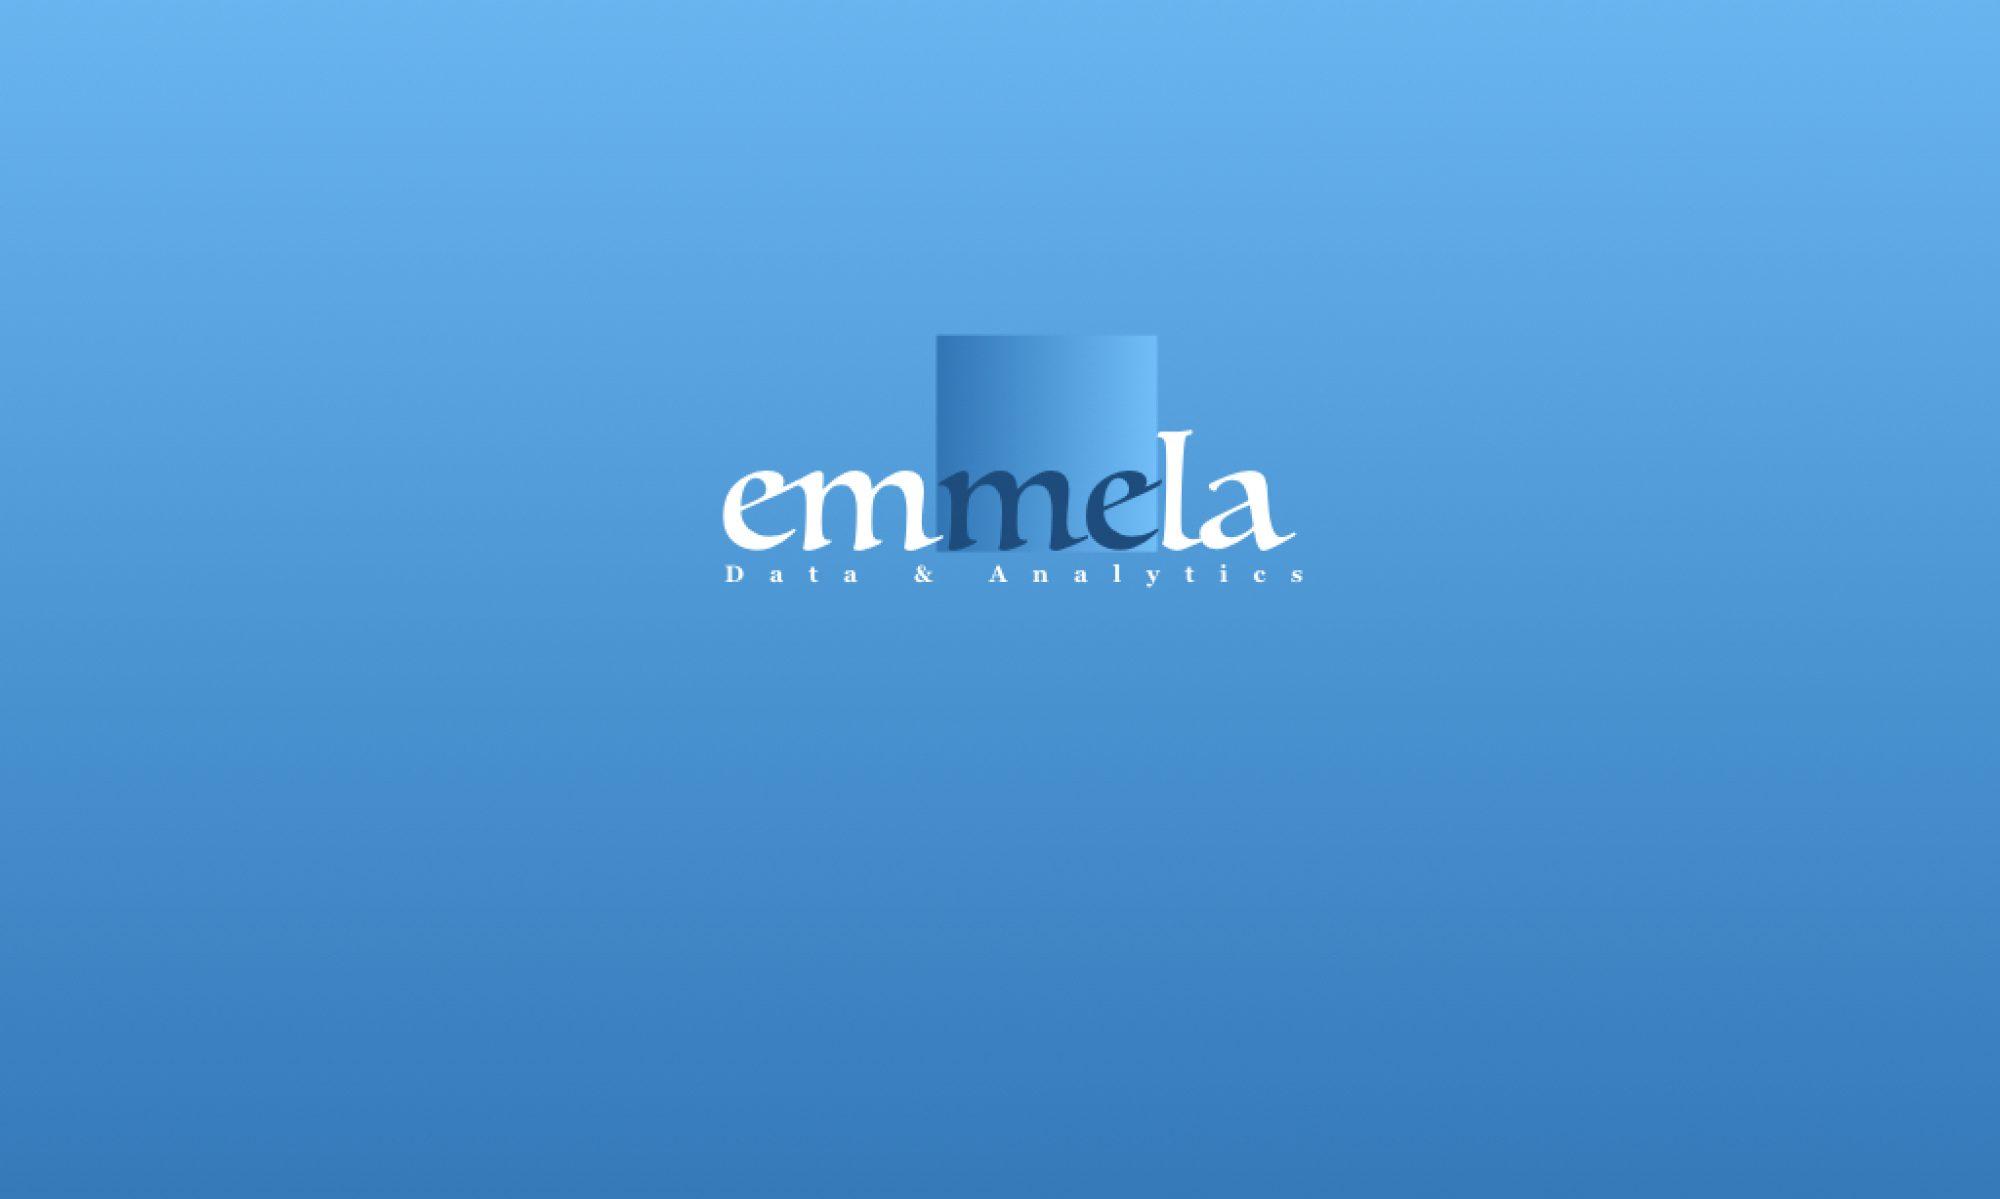 EMMELA Data & Analytics